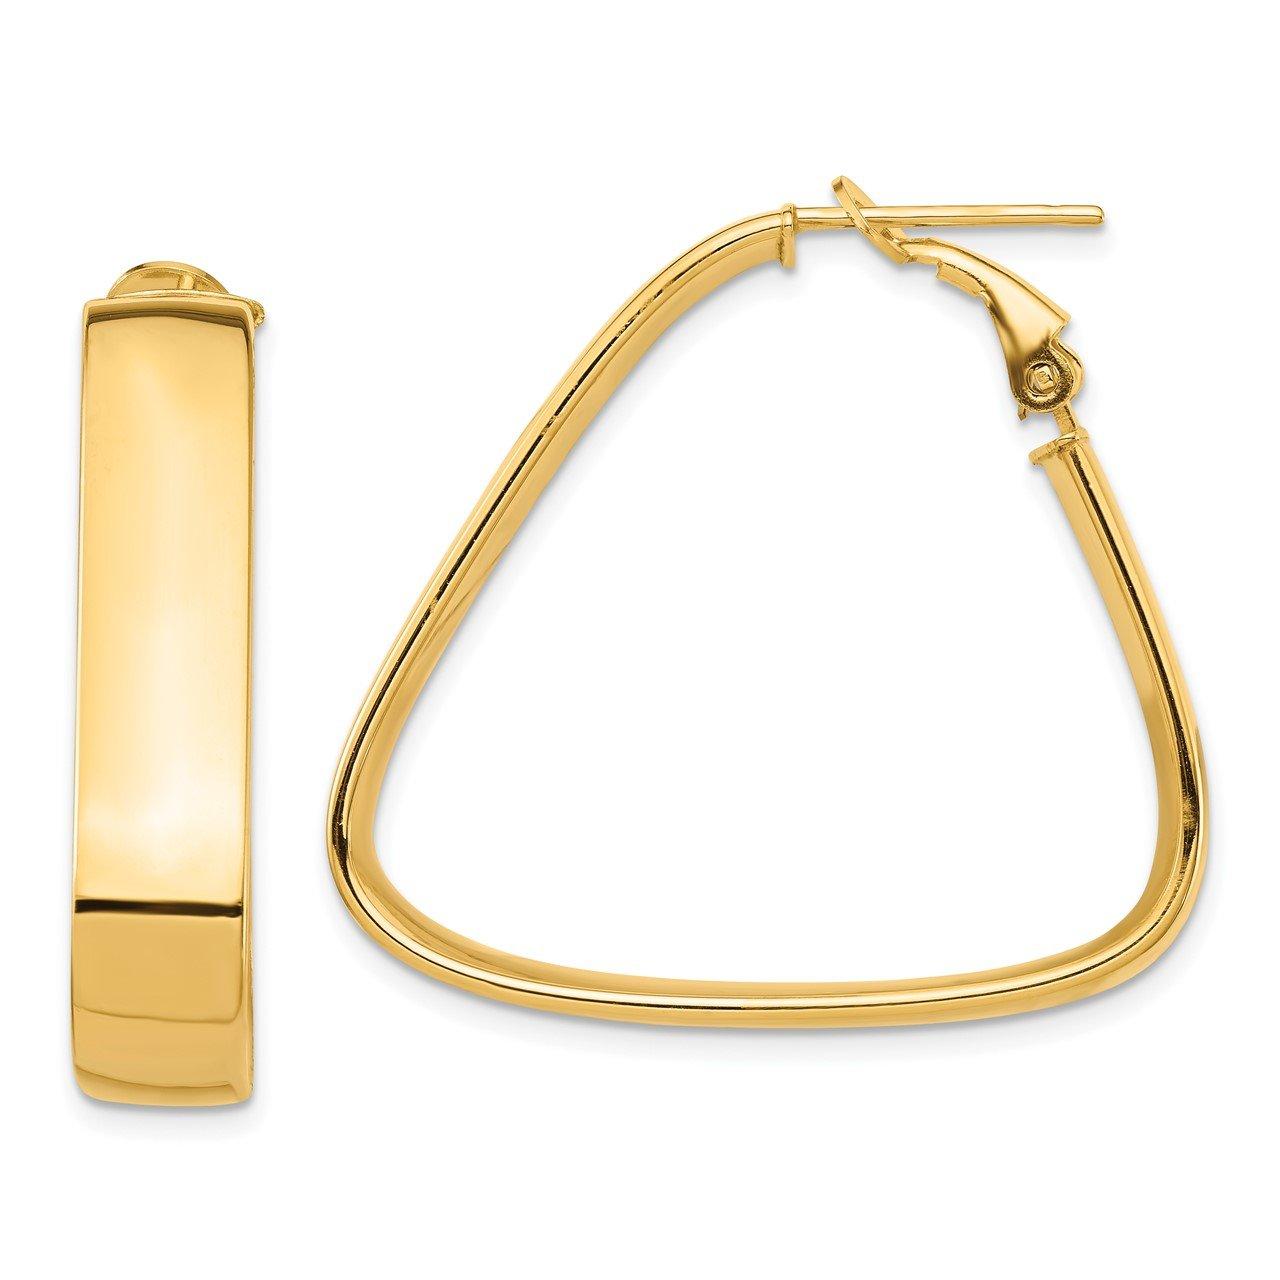 14k High Polished 7mm Omega Back Triangle Hoop Earrings